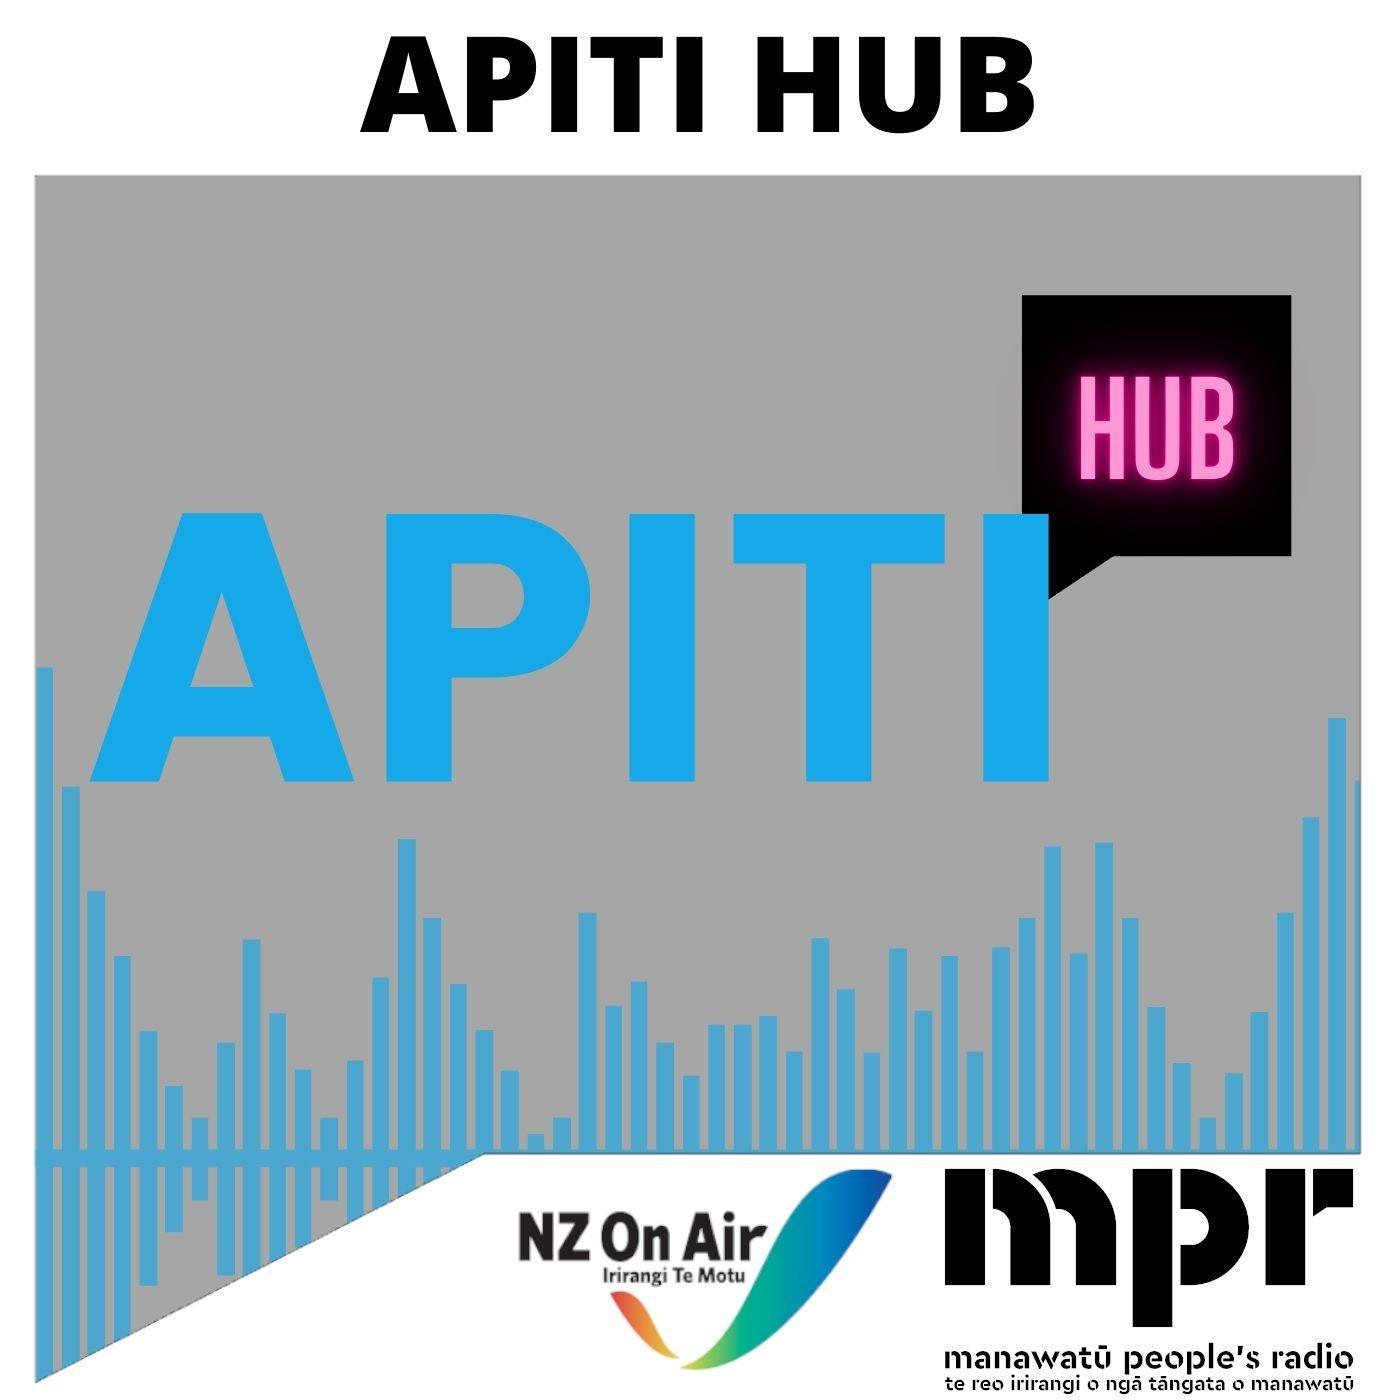 Apiti Hub